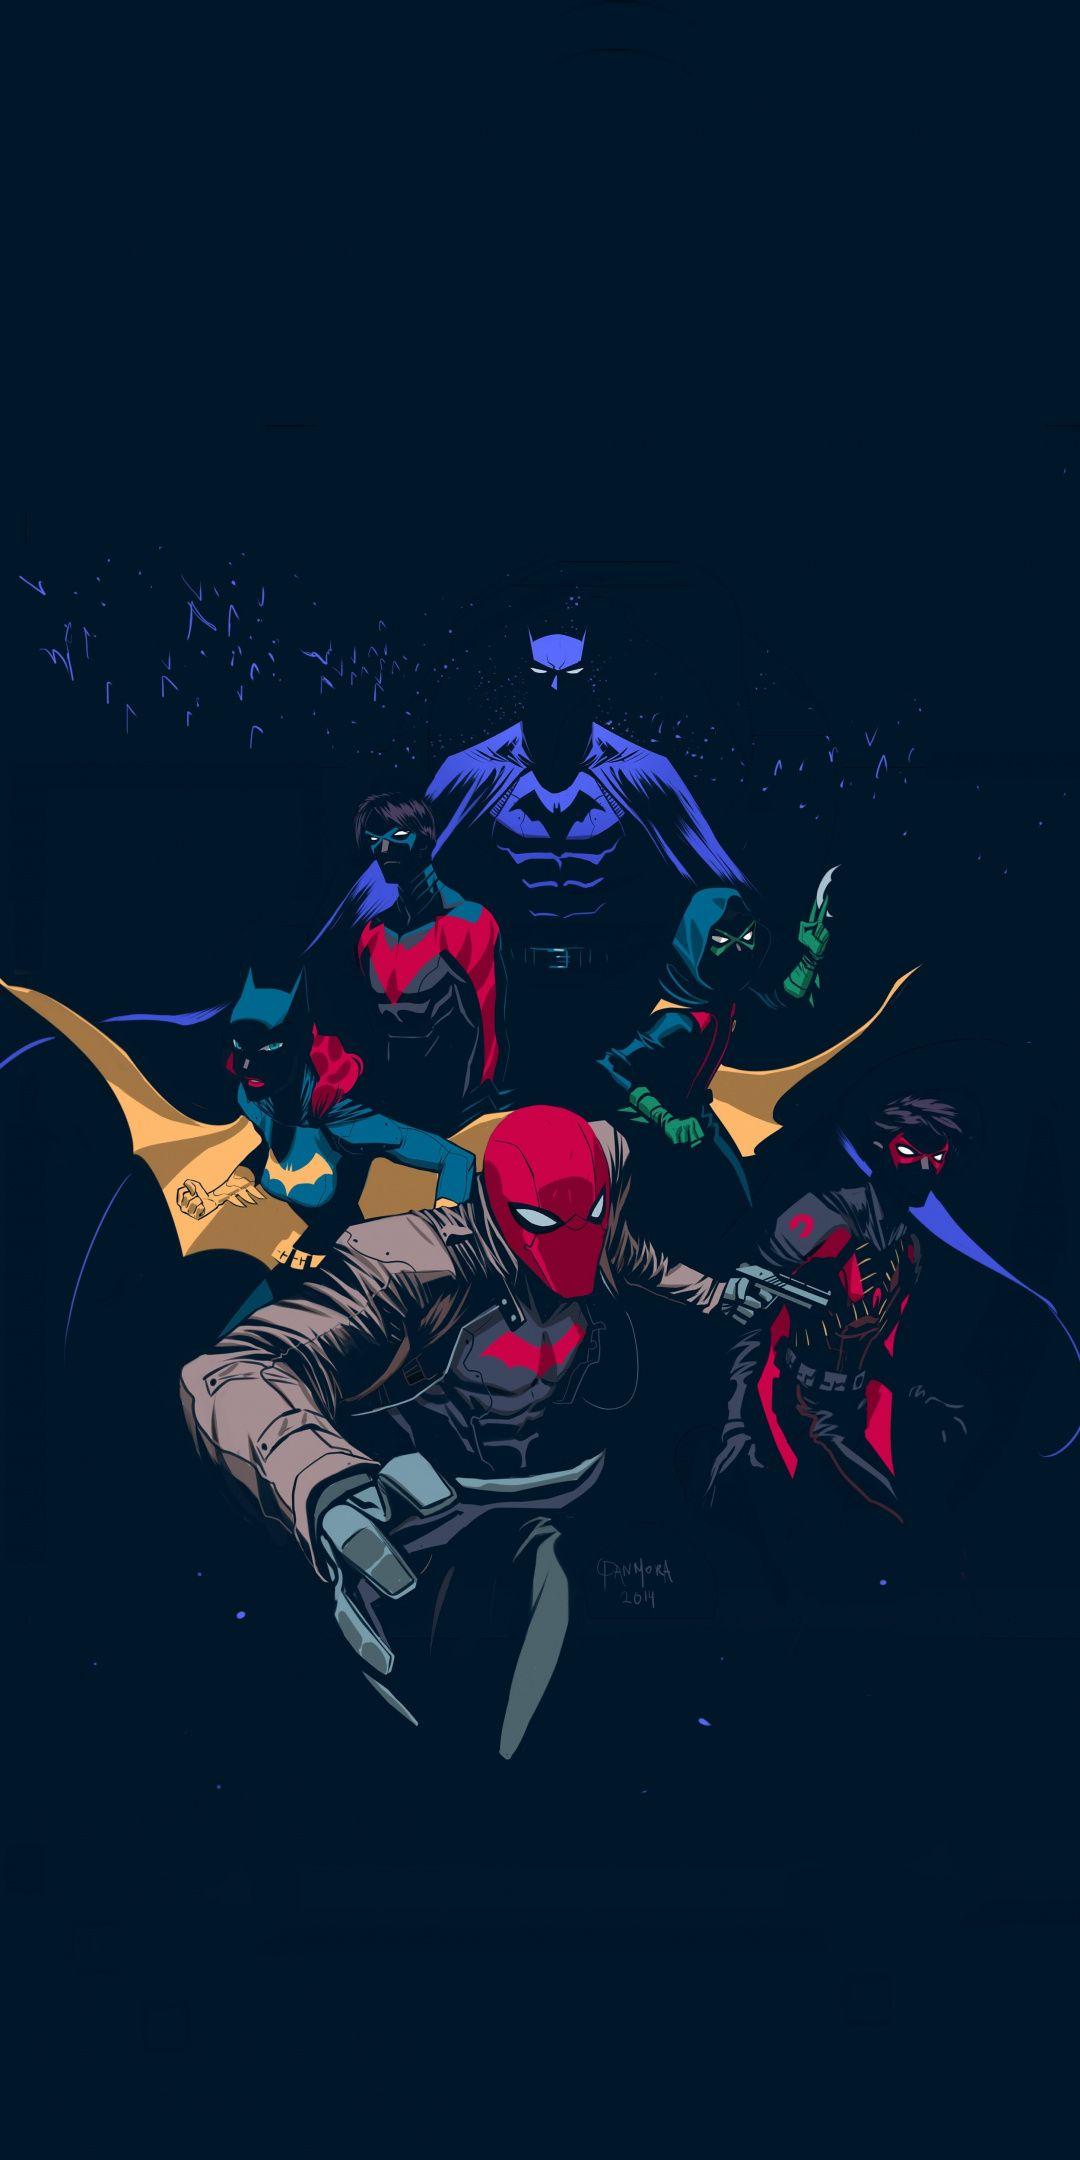 Bat Family Wallpaper : family, wallpaper, Batfamily,, Robin,, Hood,, Artwork,, 1080x2160, Wallpaper, Comics, Wallpaper,, Batman